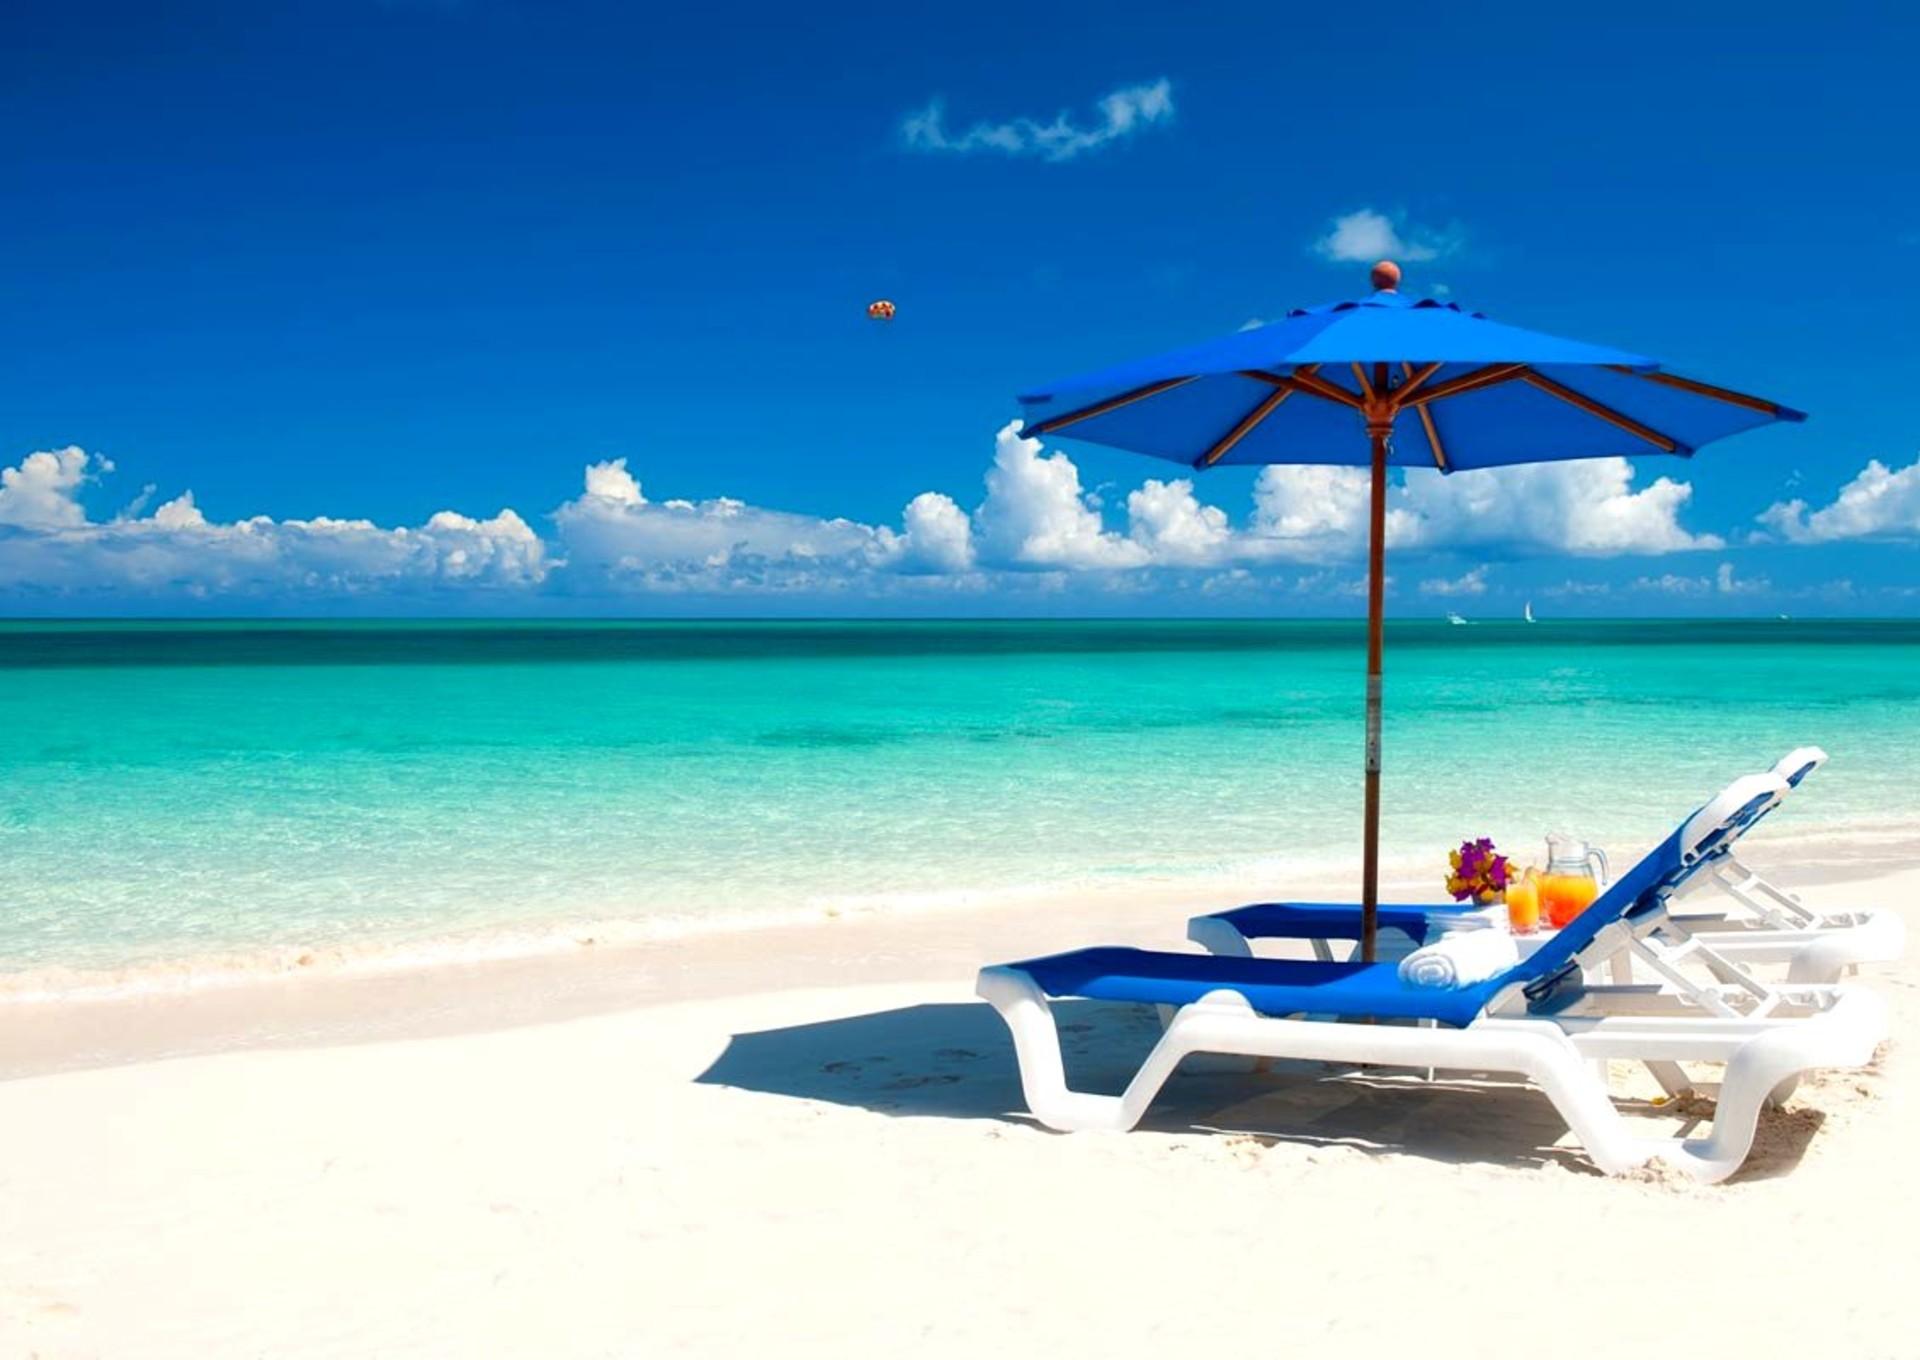 caribbean-vacation-serenity-savings-at-windsong---caribbean-vacation-deals.jpg